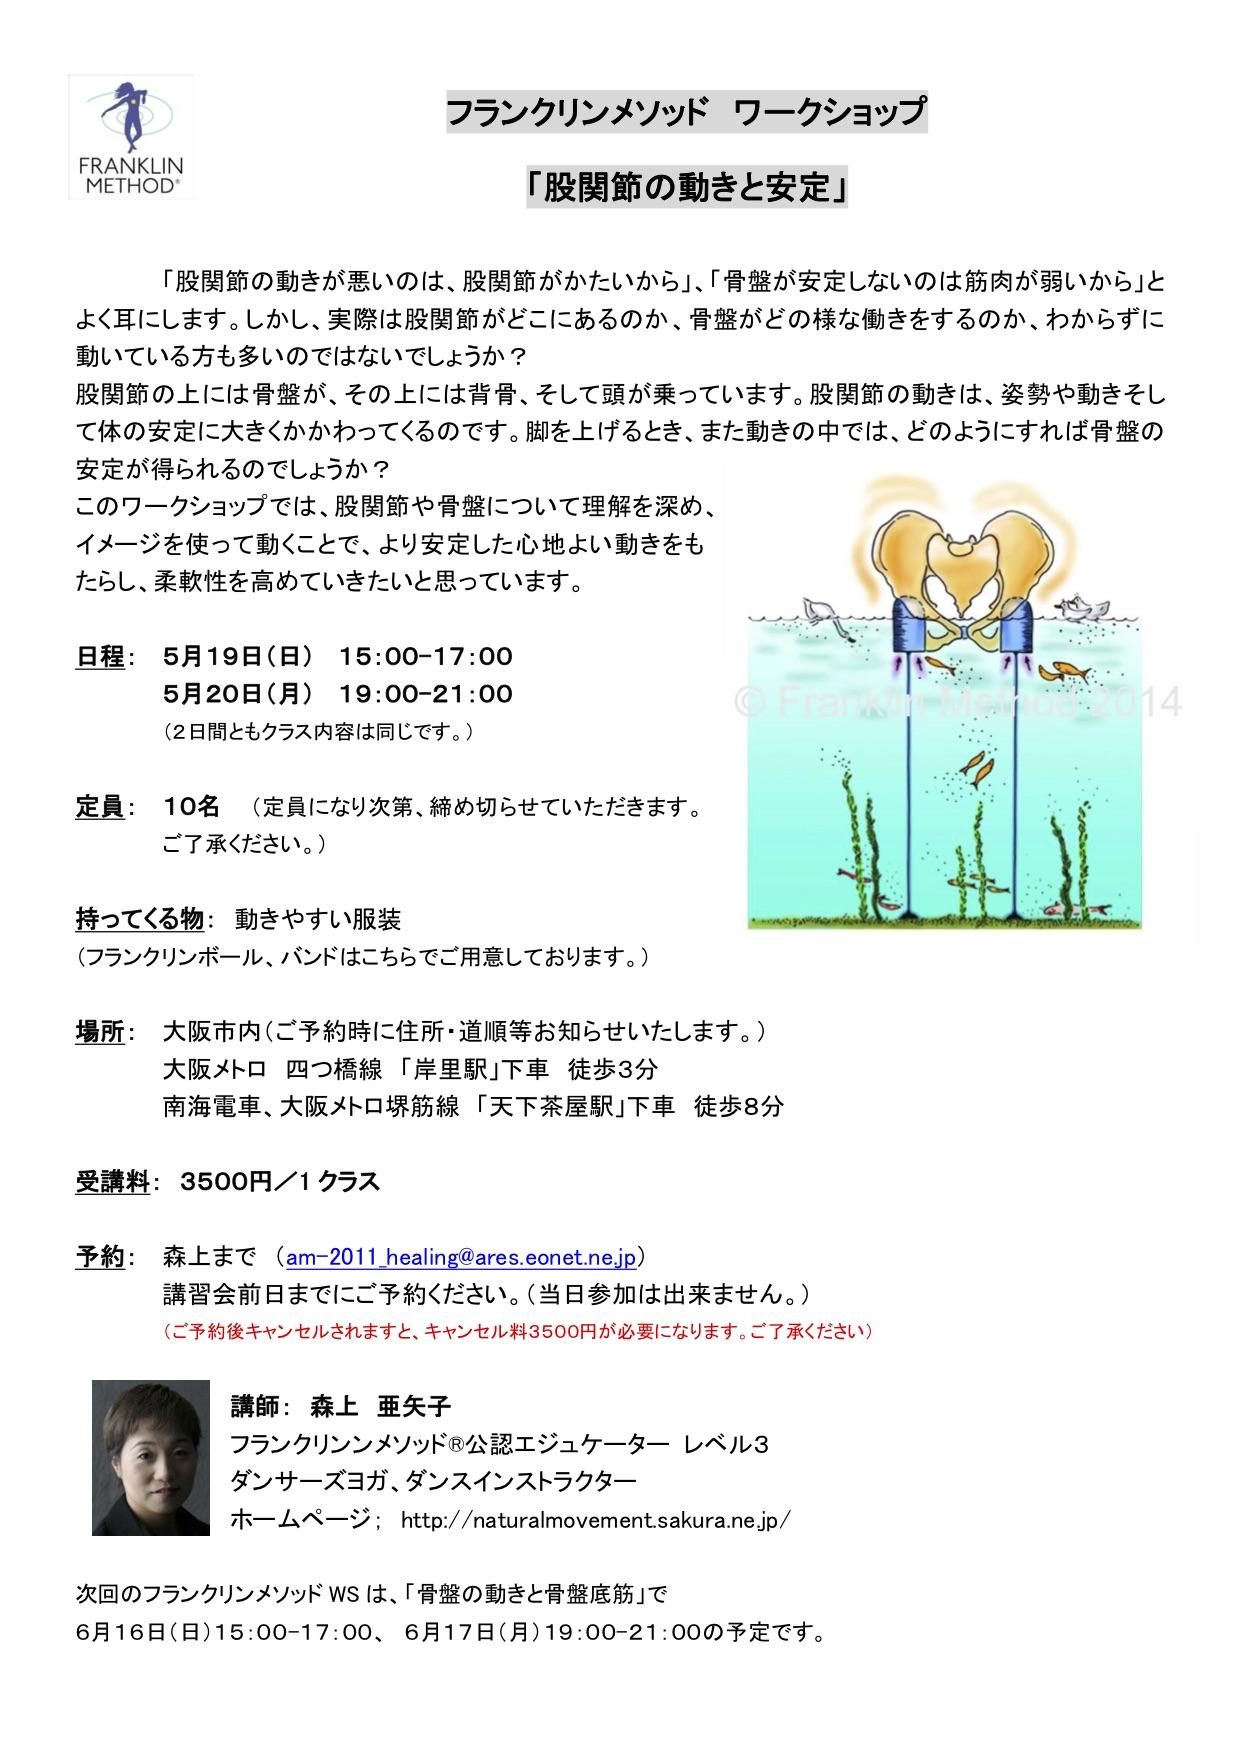 5/20(日)大阪 森上亜矢子WS「股関節の動きと安定」